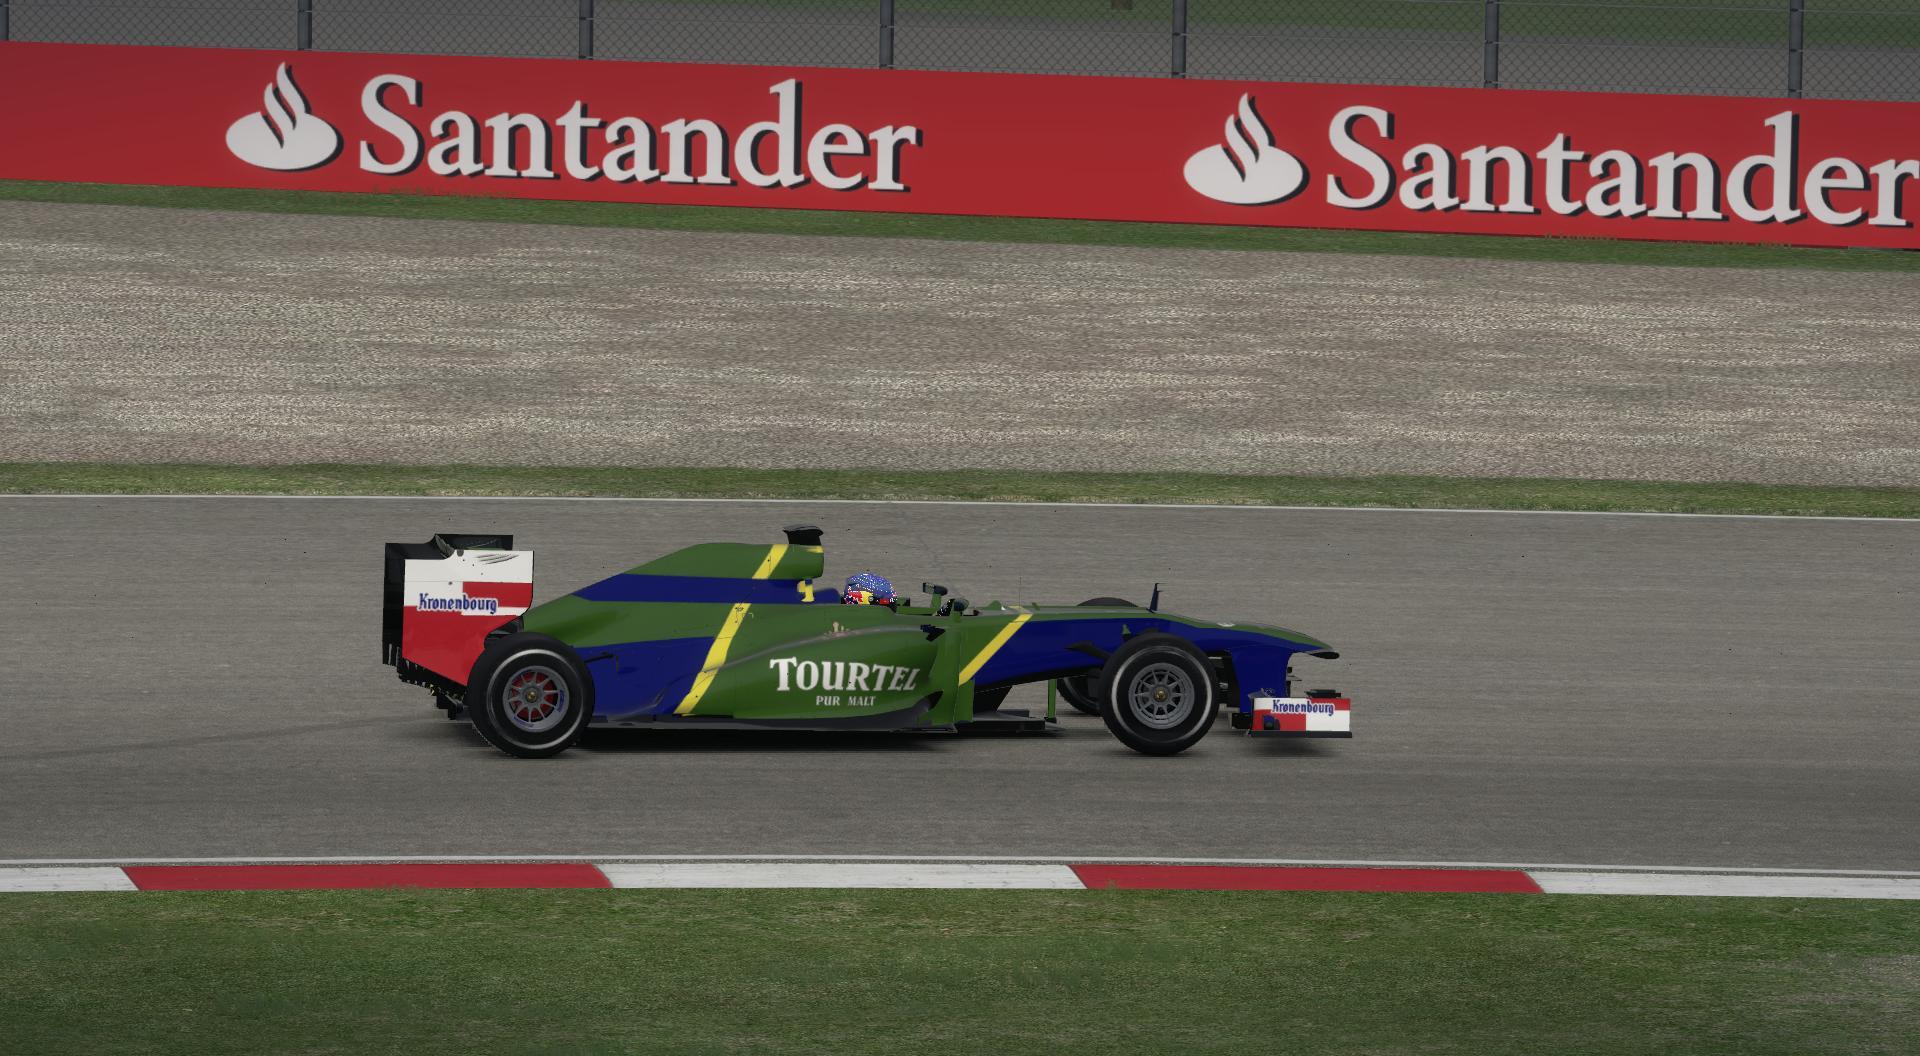 F1_2013 2014-04-21 10-38-43-03.jpg